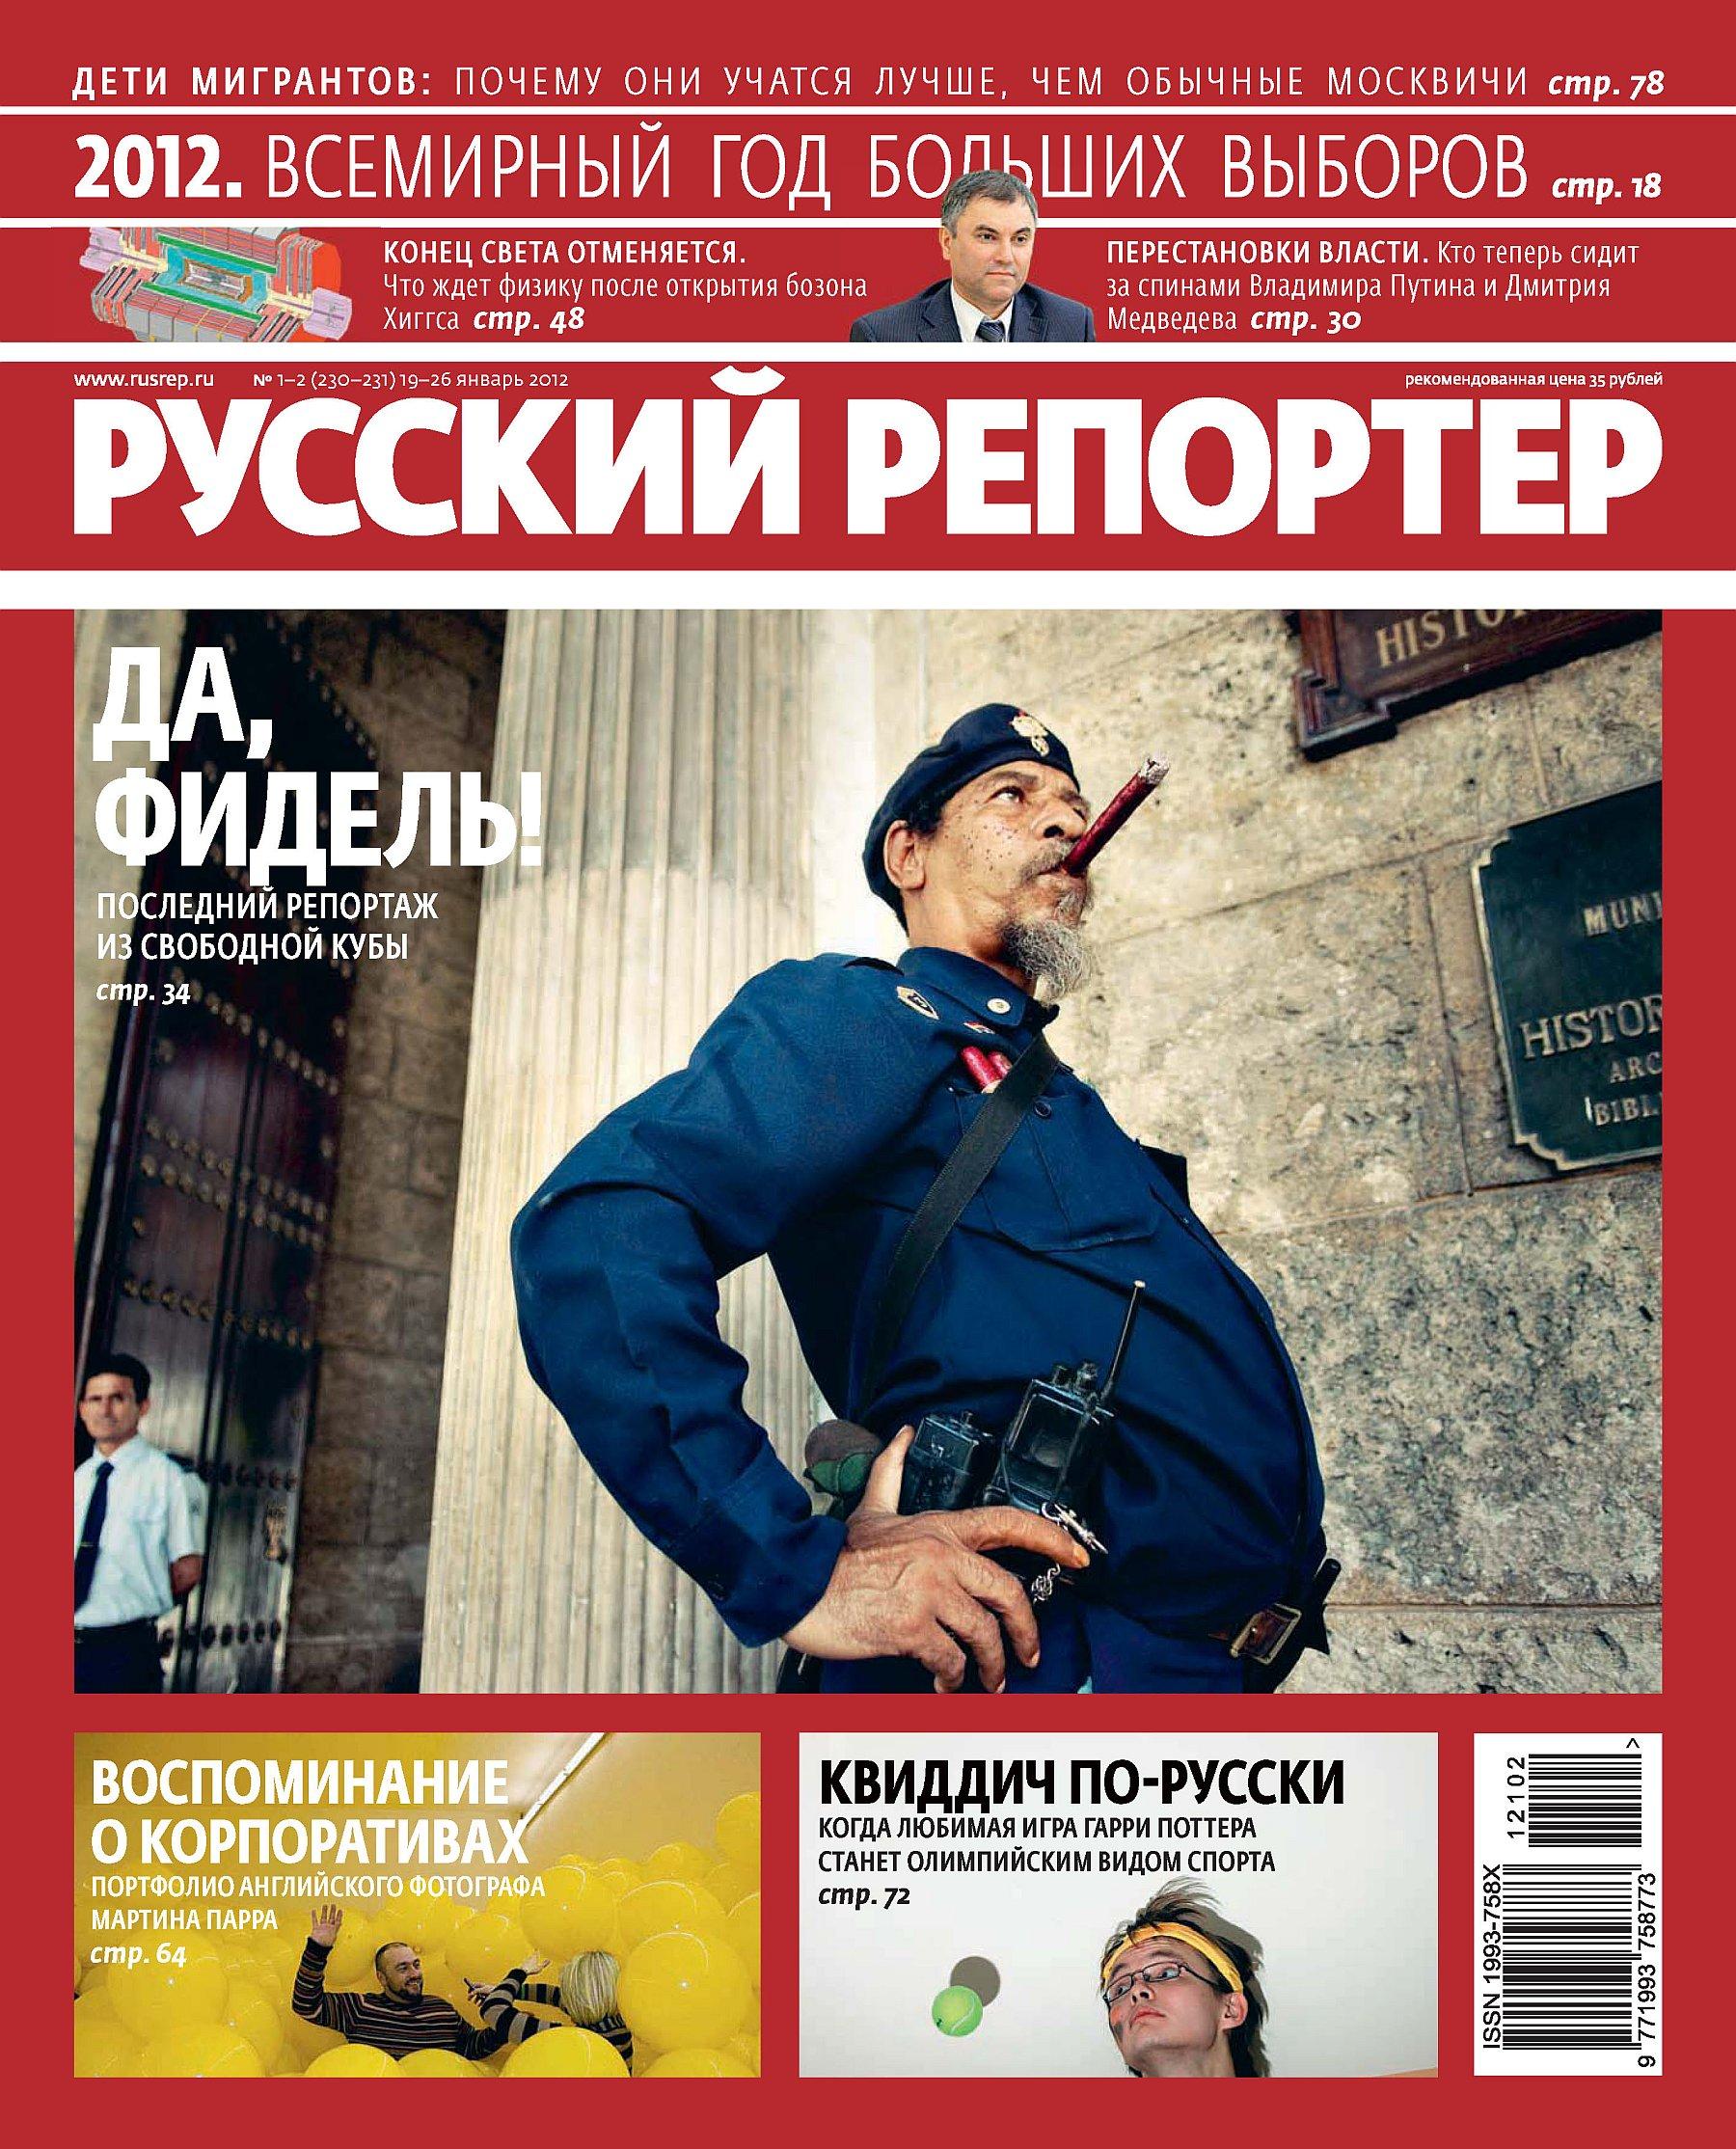 Фото - Отсутствует Русский Репортер №01-02/2012 отсутствует русский репортер 15 2012